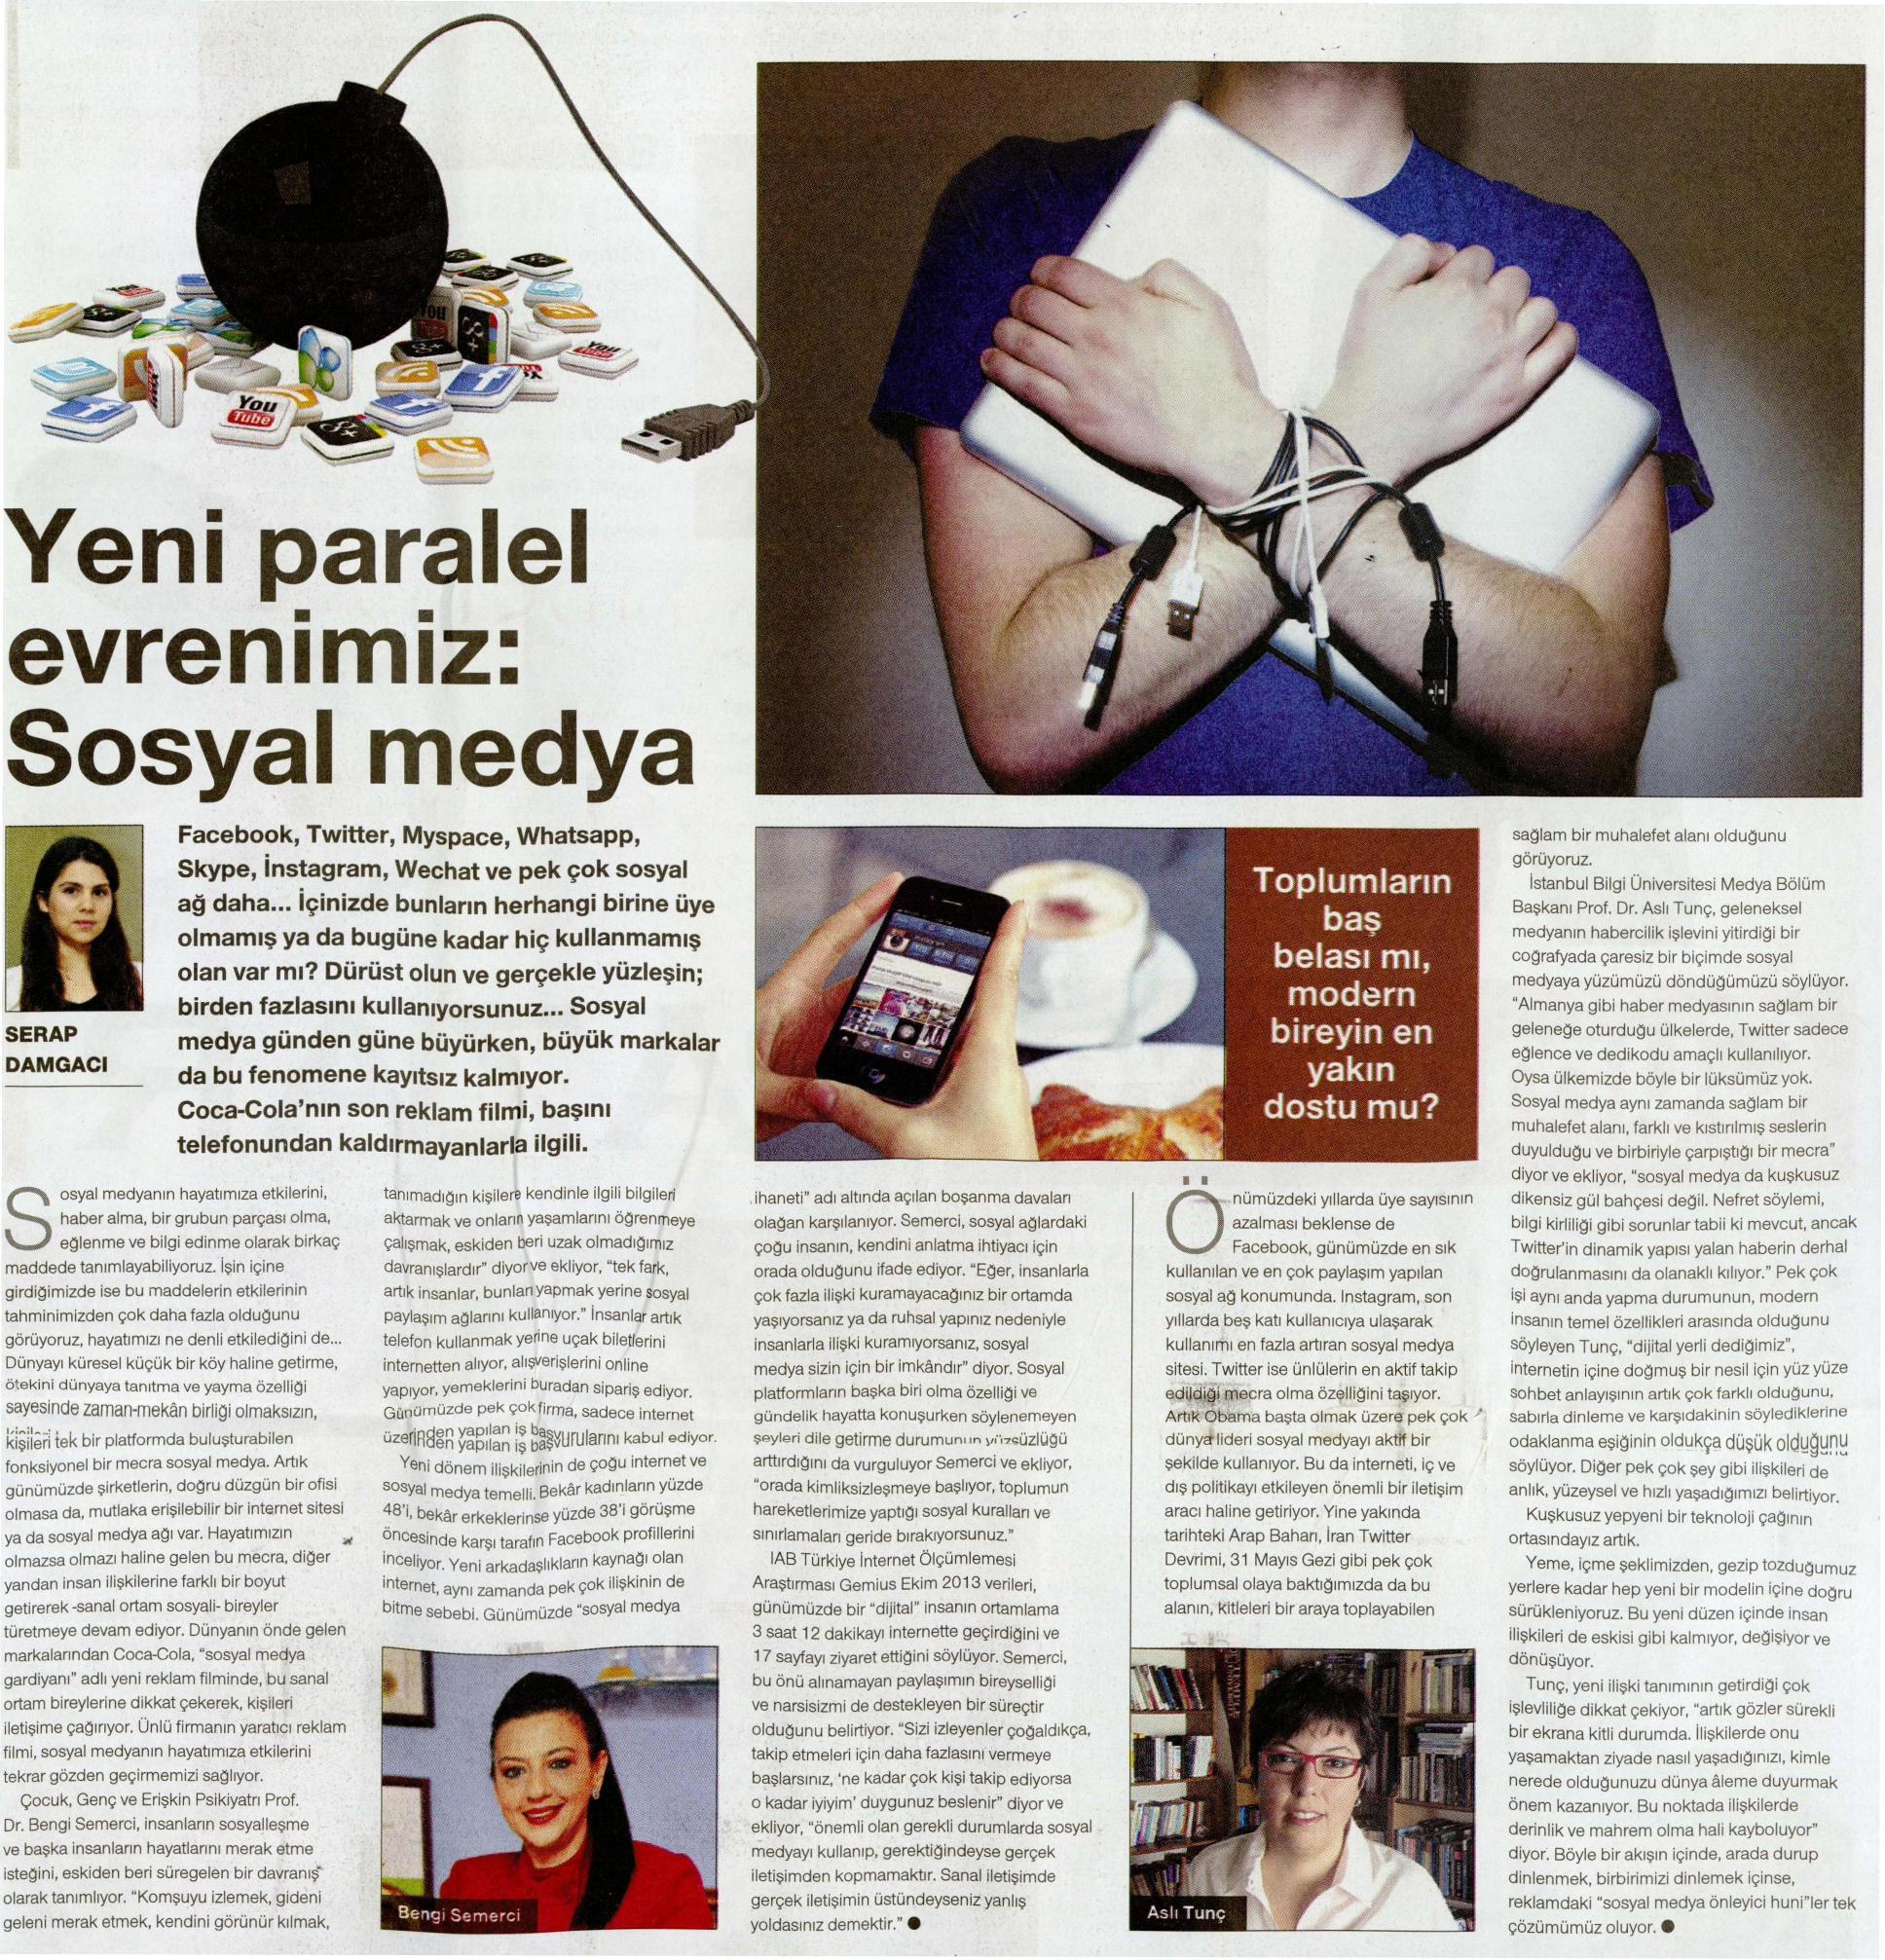 Yeni paralel evrenimiz: Sosyal medya - CUMHURİYET PAZAR 23.03.2014